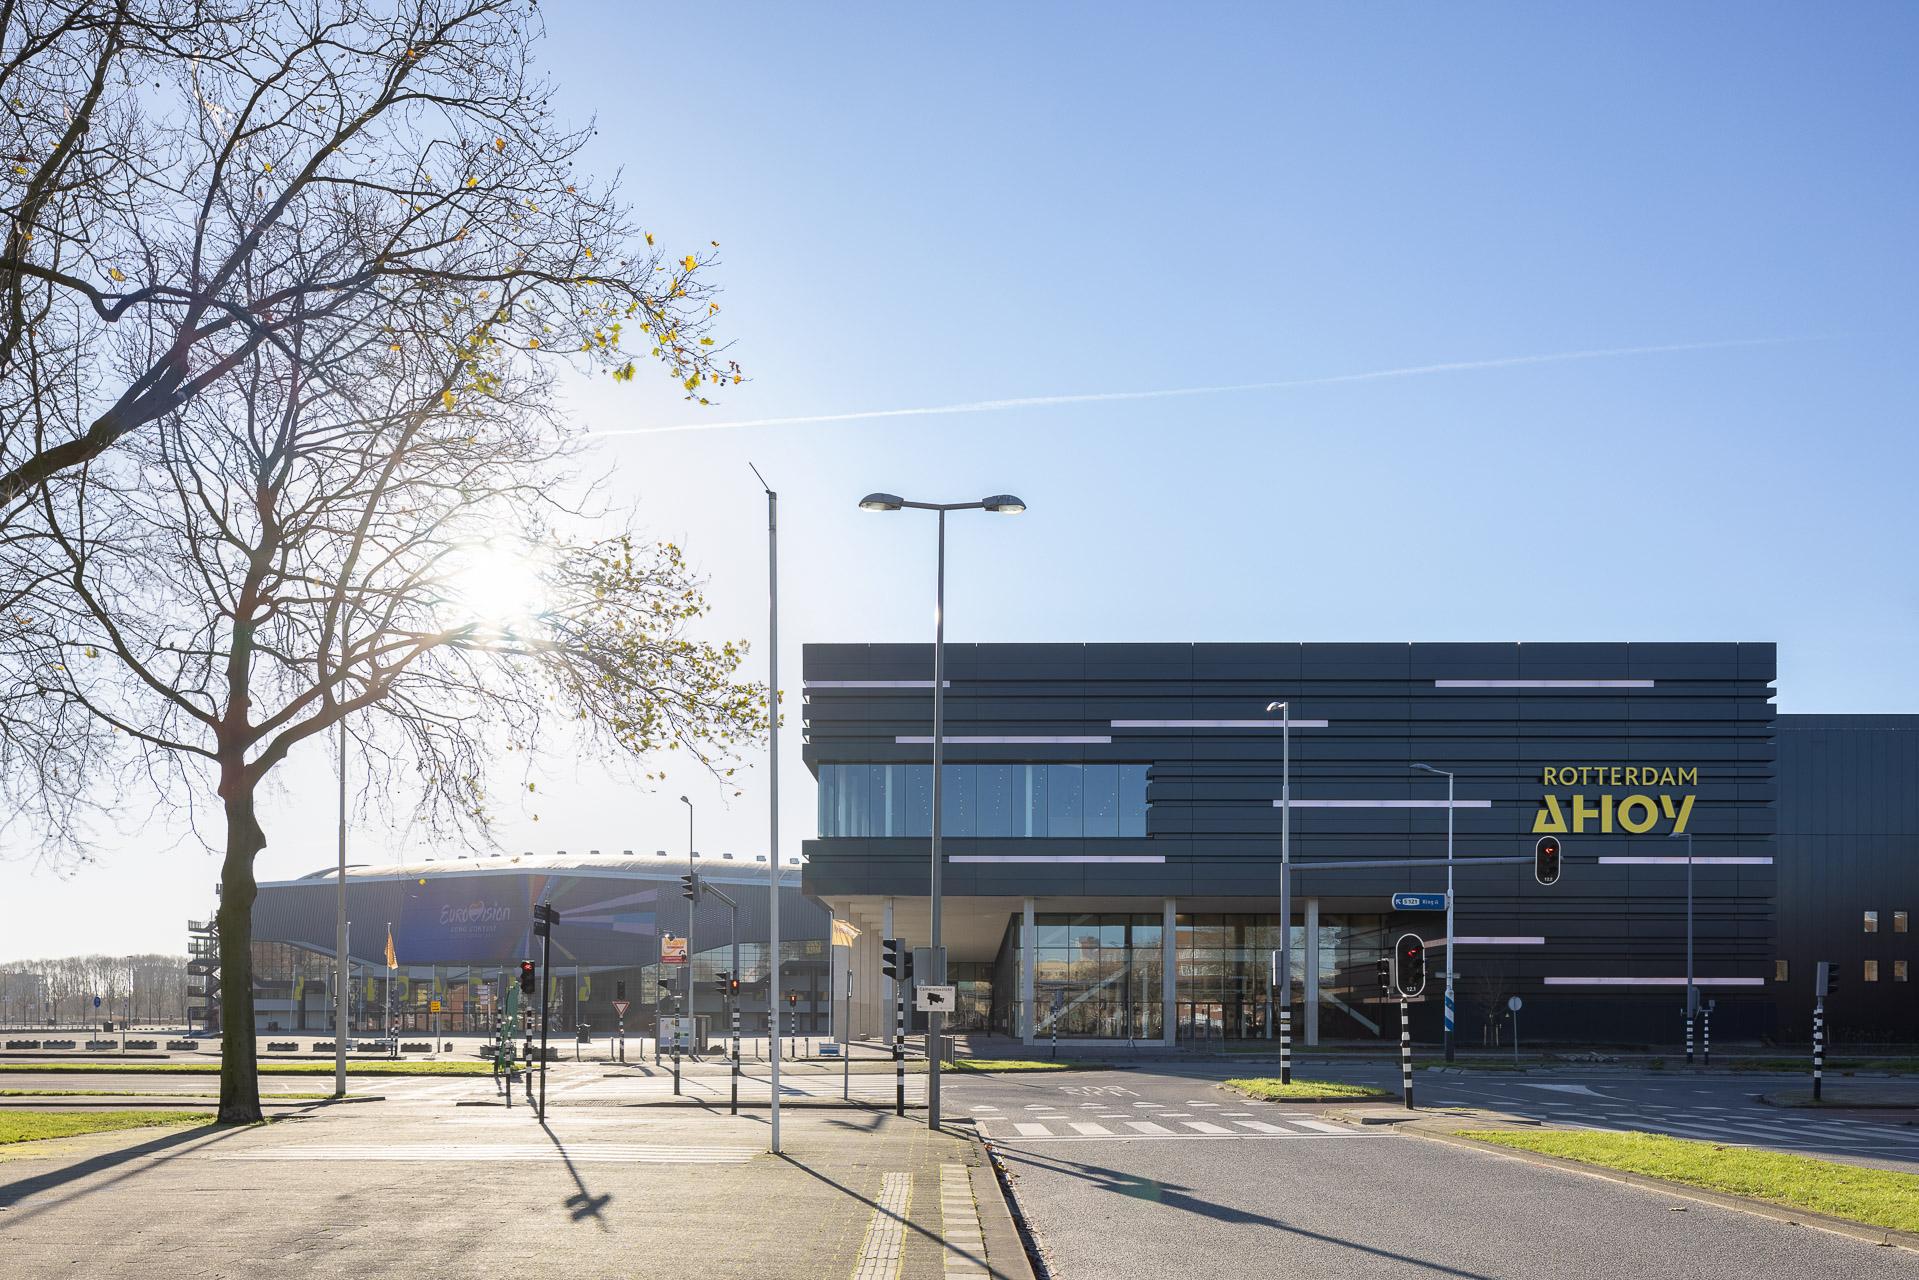 SP2020-Rotterdam-Ahoy-Convention-Centre-Exterieur-4-Architectuur-fotografie